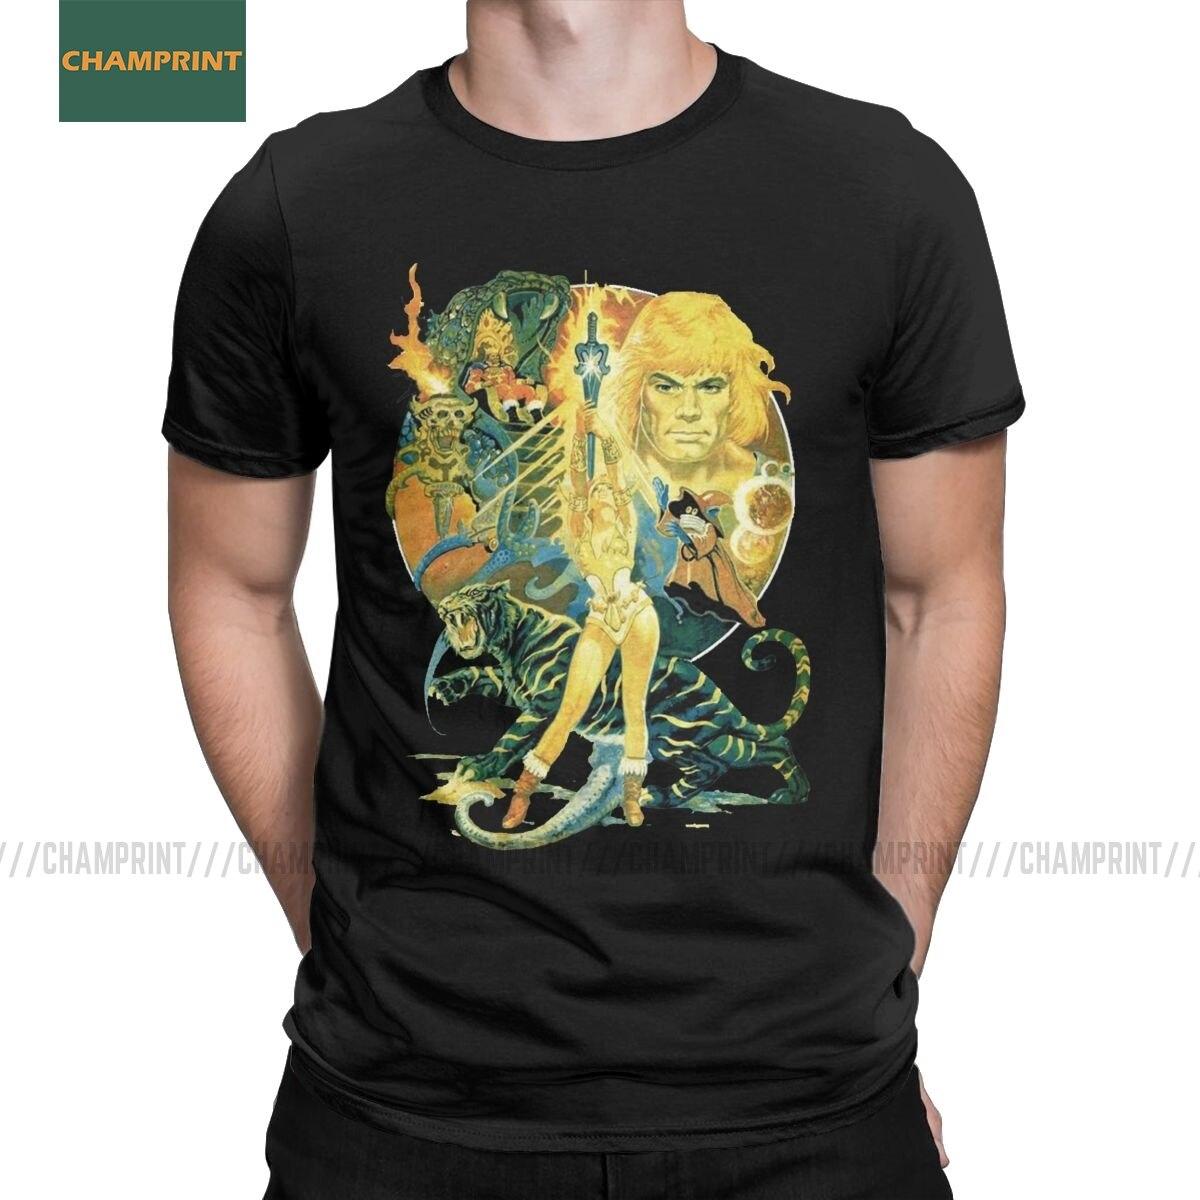 Secret Of The Sword он-человек мастера Вселенной футболки Для мужчин's футболка скелетор 80s она-ра зверь Футболка короткий рукав большой Размеры